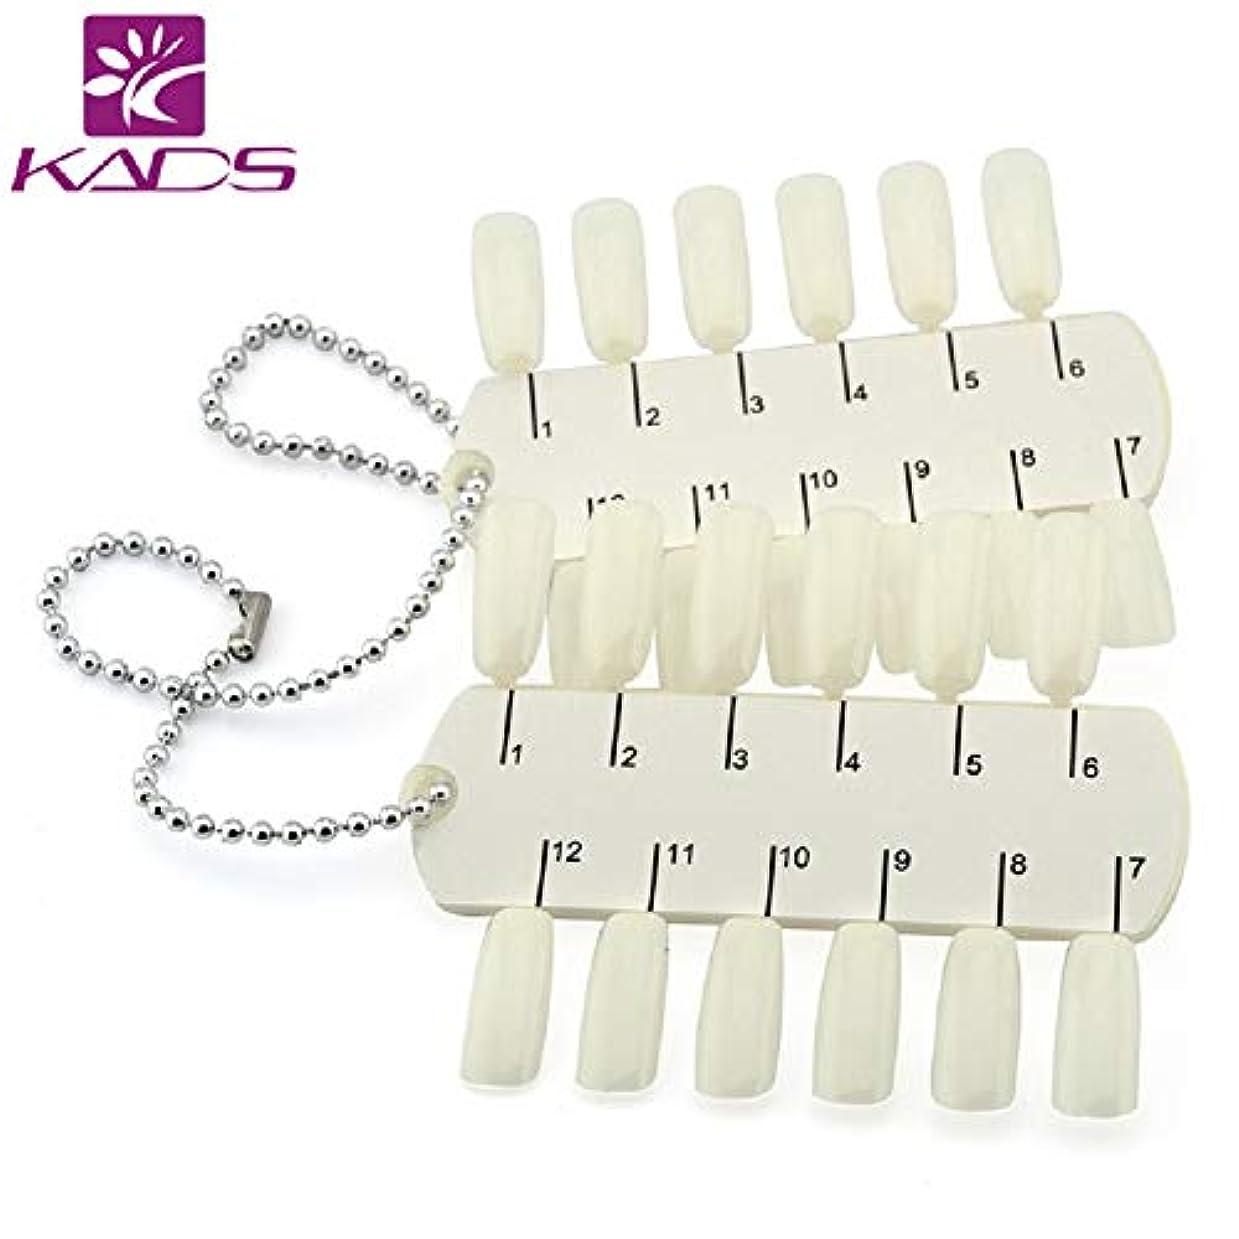 KADS ネイルカラーチャート 24 ティップネイルカラーディスプレイカード ネイルアートディスプレイプレート ネイルポリッシュカラーカード